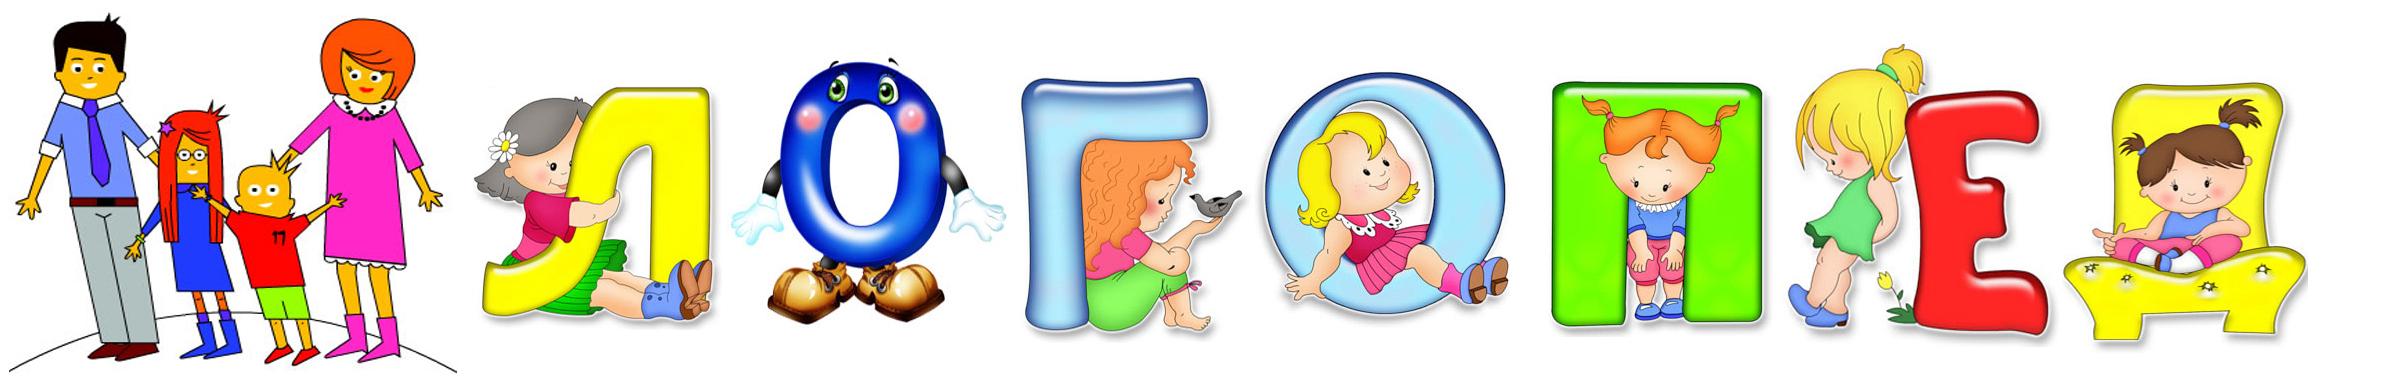 Картинки по запросу логопед